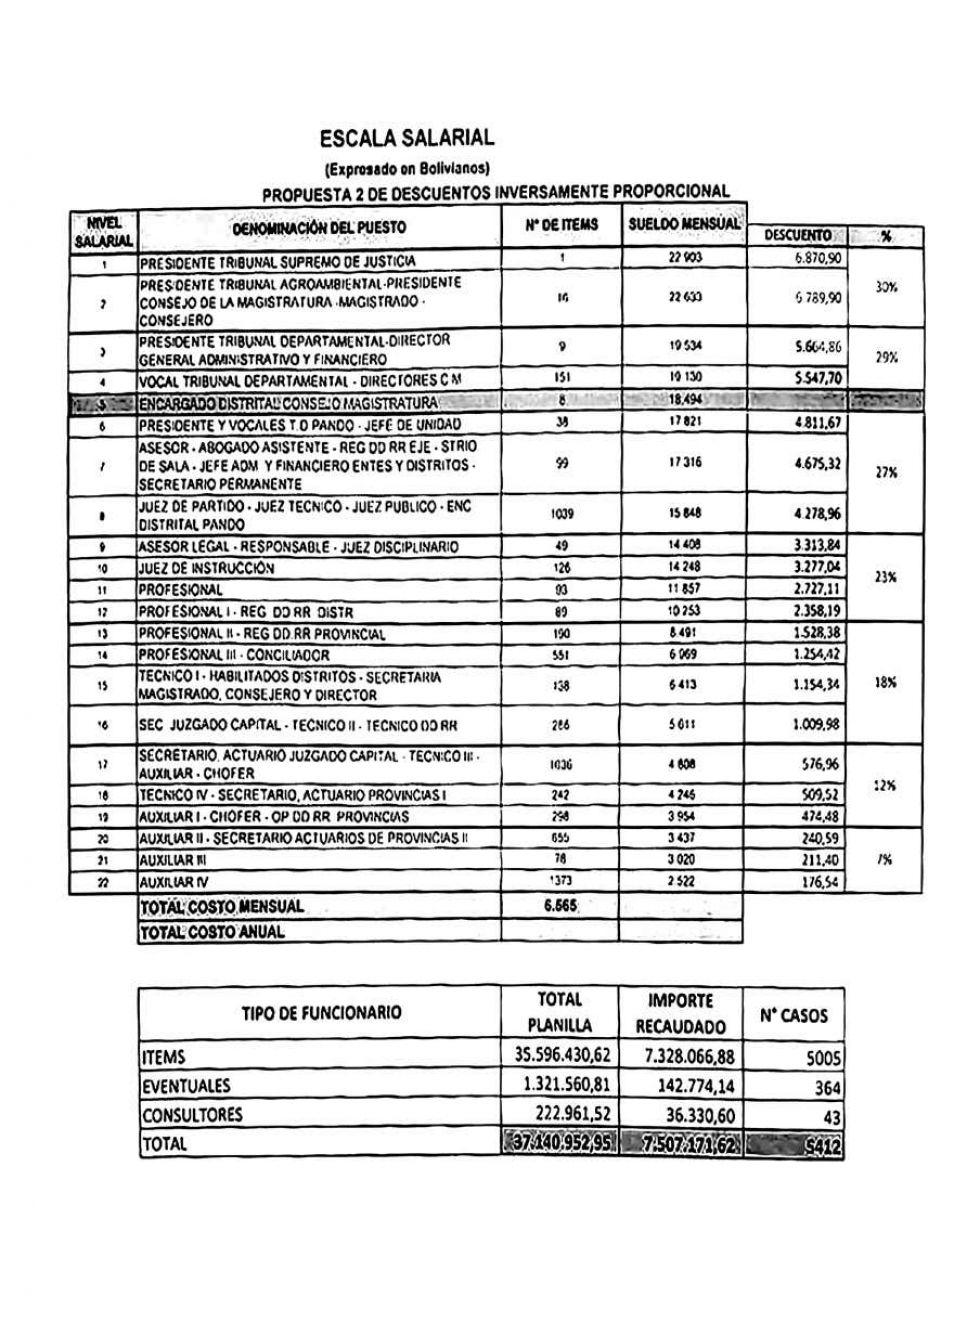 Los magistrados del TSJ habían planteado una tabla con porcentajes de descuentos inversamente proporcional a los salarios.